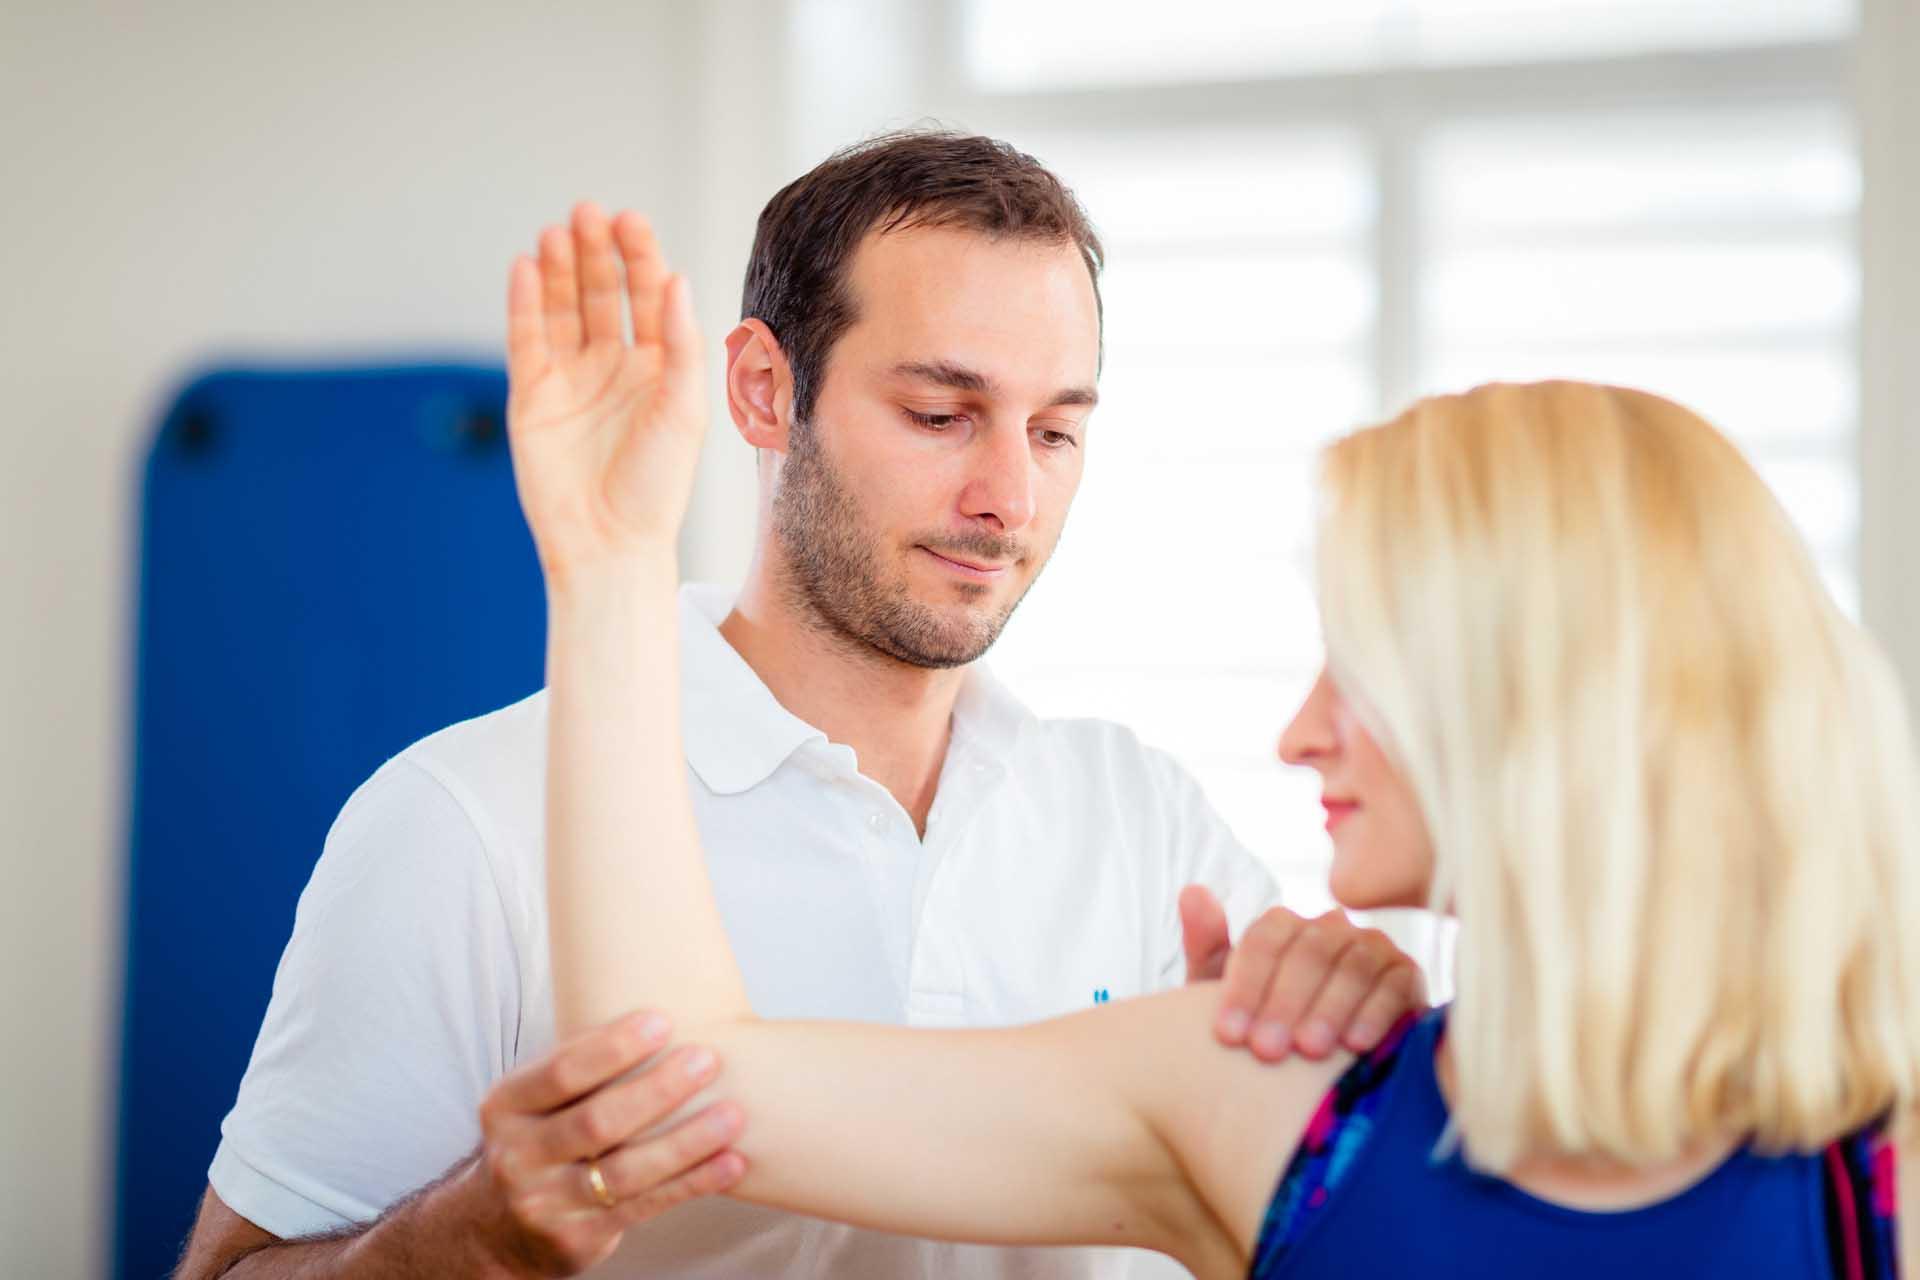 Dr. Sebastian Weber ist Facharzt für Orthopädie und Traumatologie und Sportarzt bei Kinemedic - Praxis für physikalische, orthopädische und rehabilitative Medizin